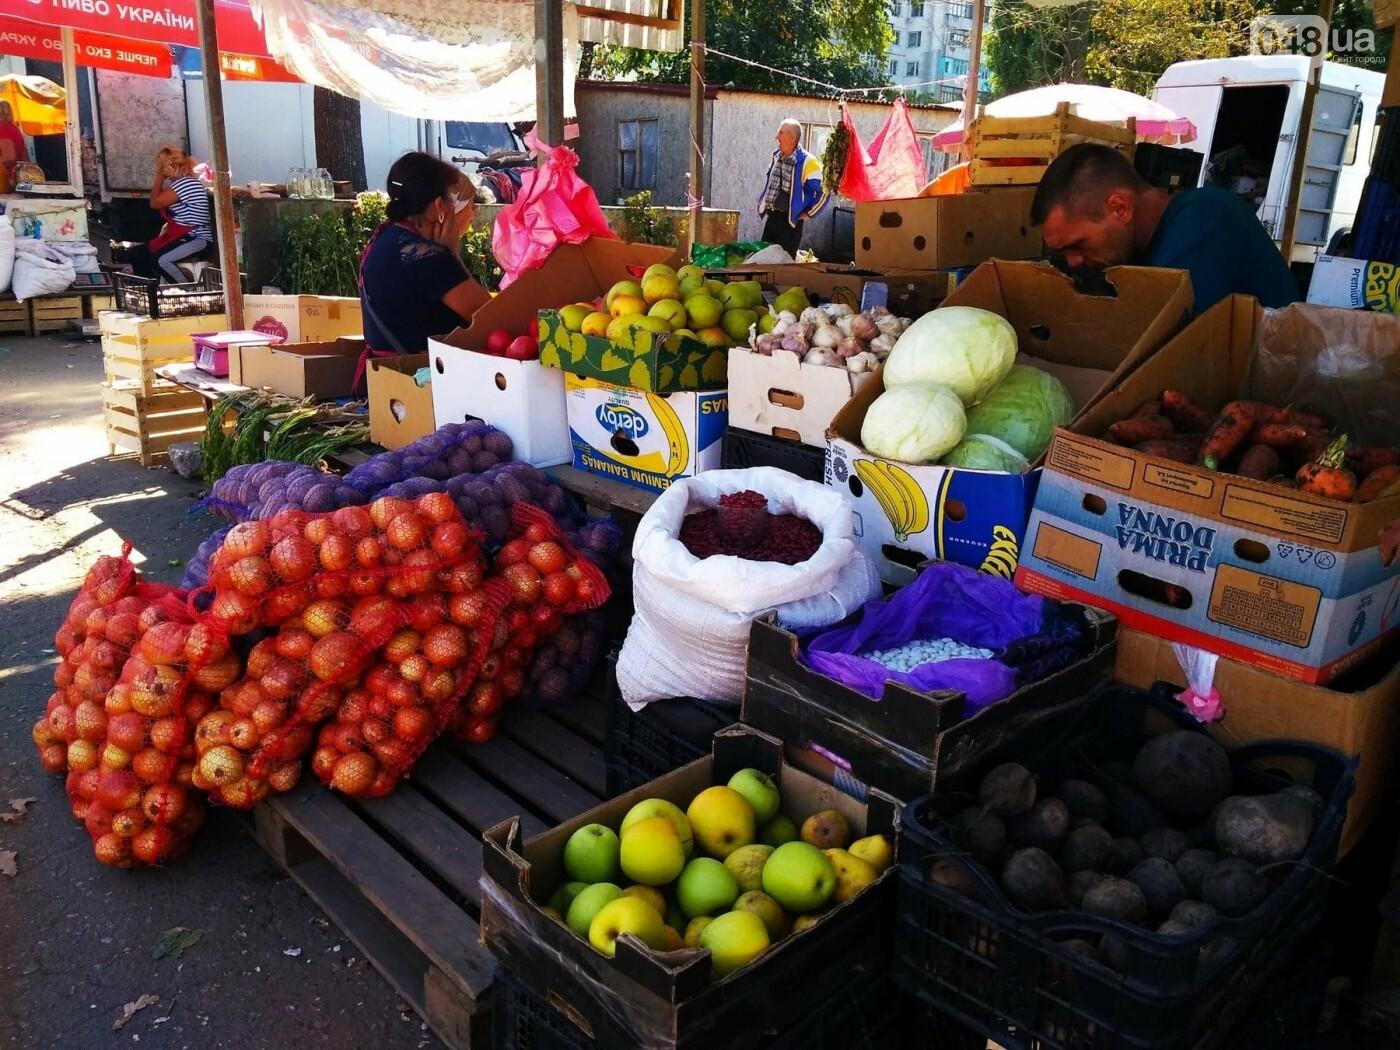 Ищем, где дешевле в Одессе: обзор цен на продукты на рынках Котовского, - ФОТО, ИНФОГРАФИКА, фото-17